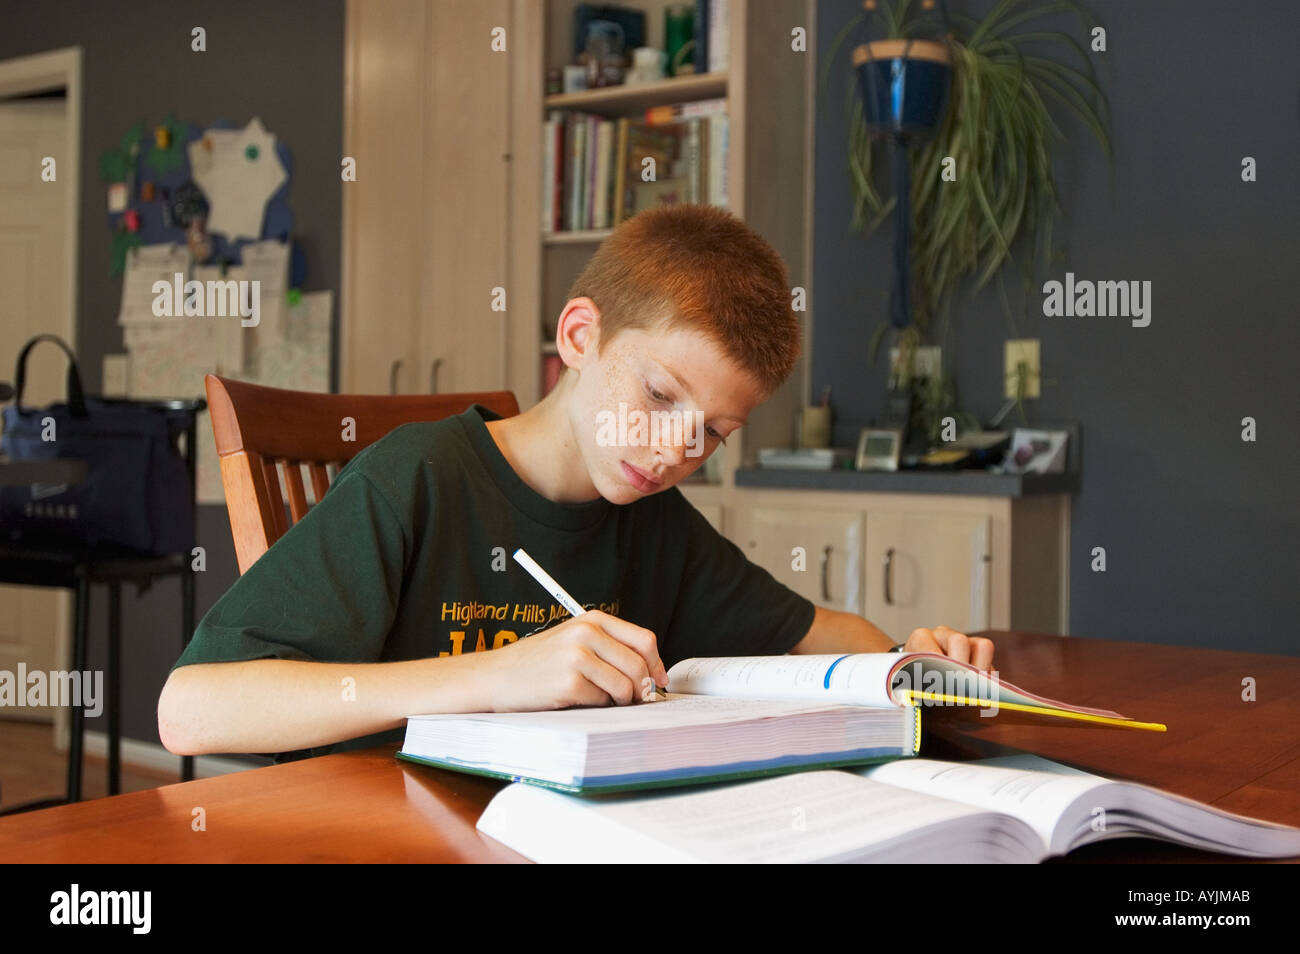 Cpm homework help geometry Ivy Tech